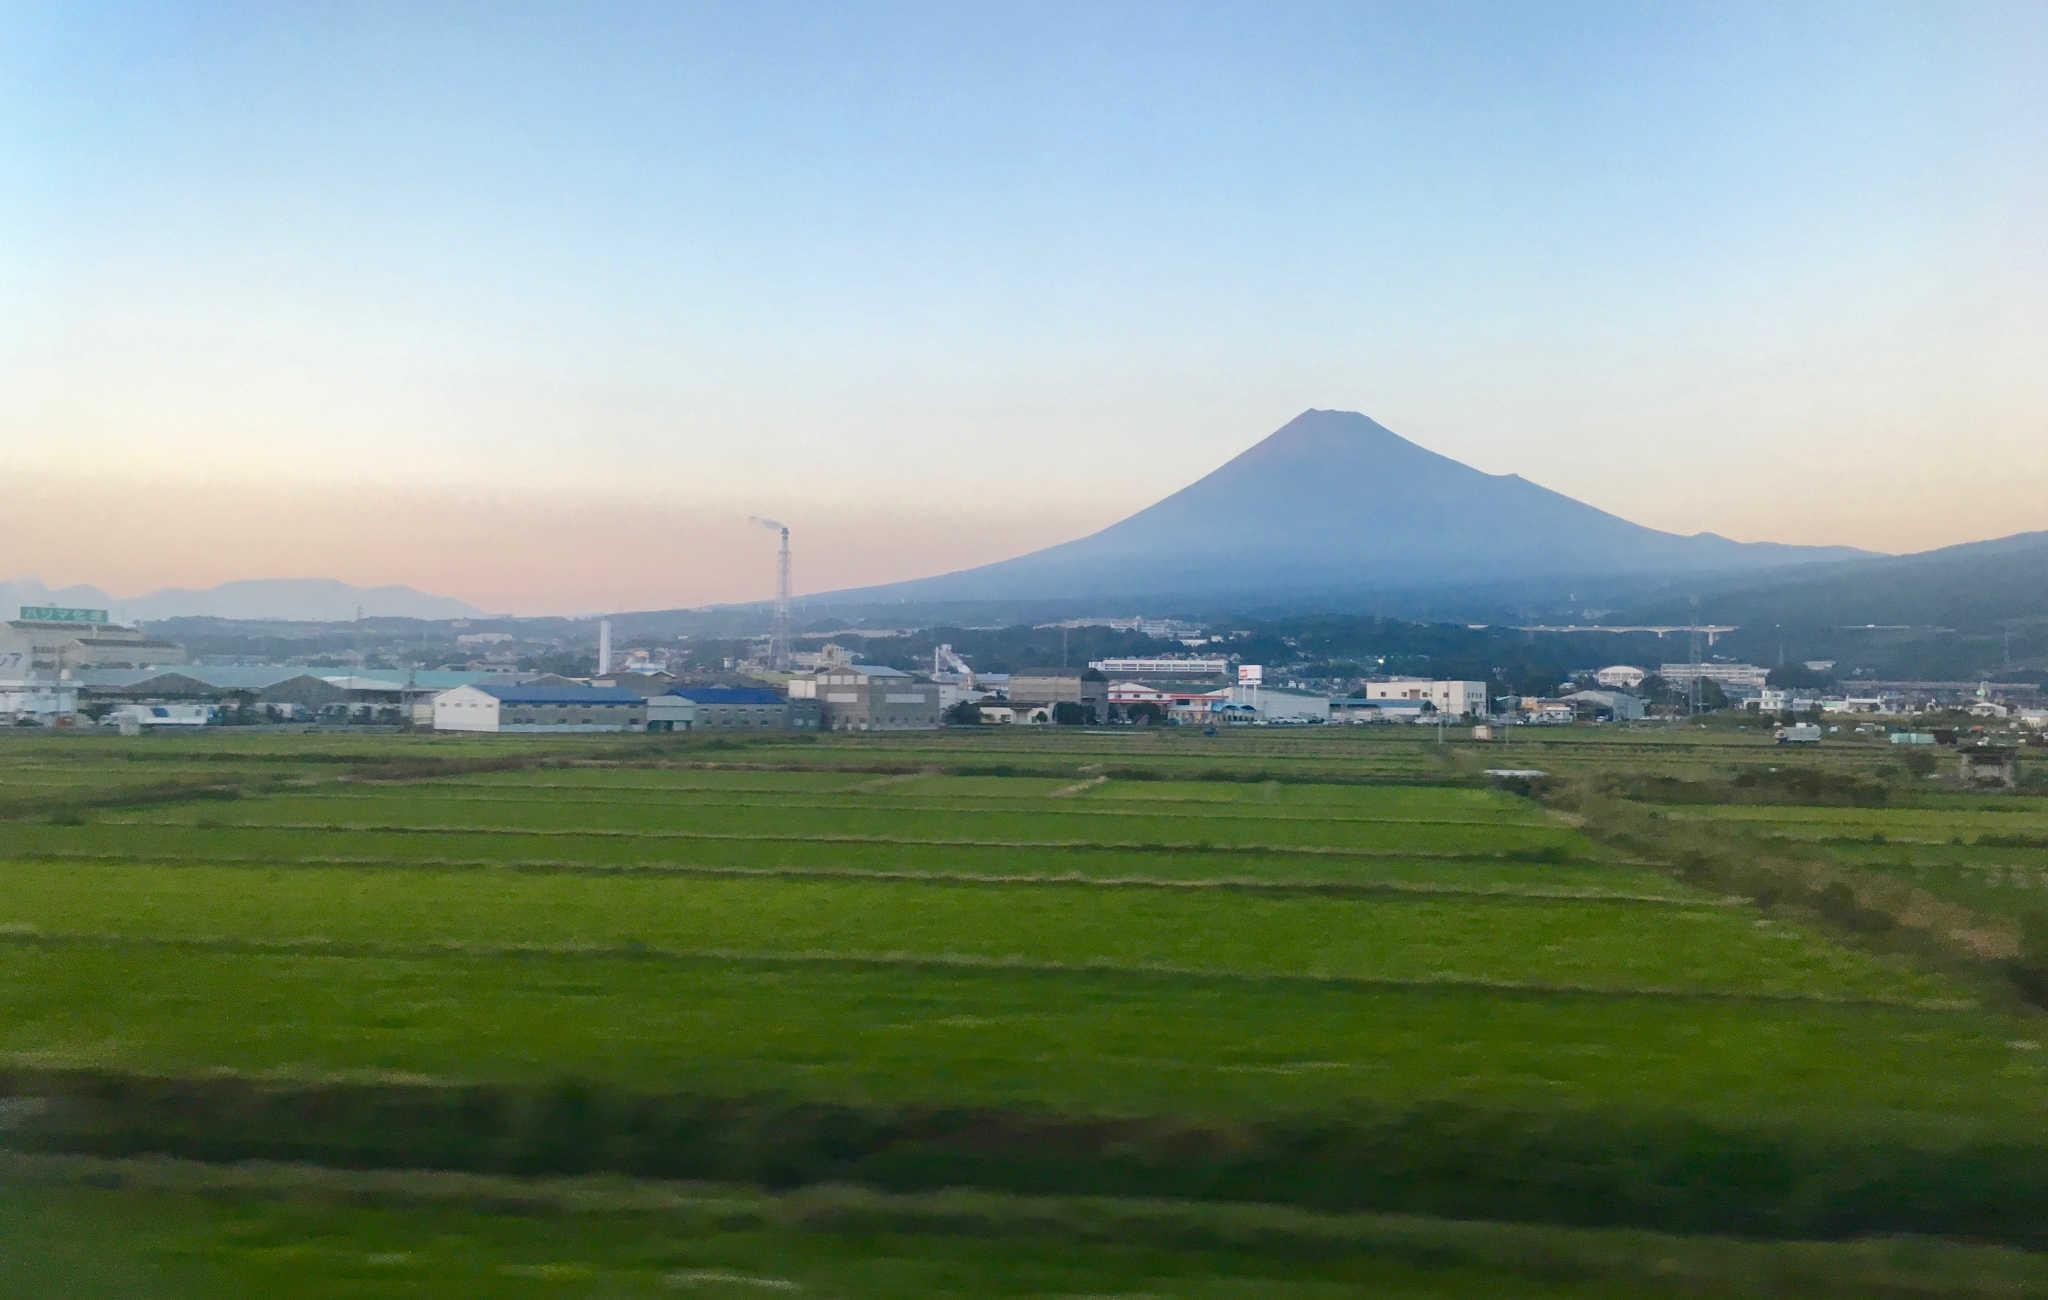 Vue sur le Mont Fuji depuis le Shinkansen en direction de Tokyo